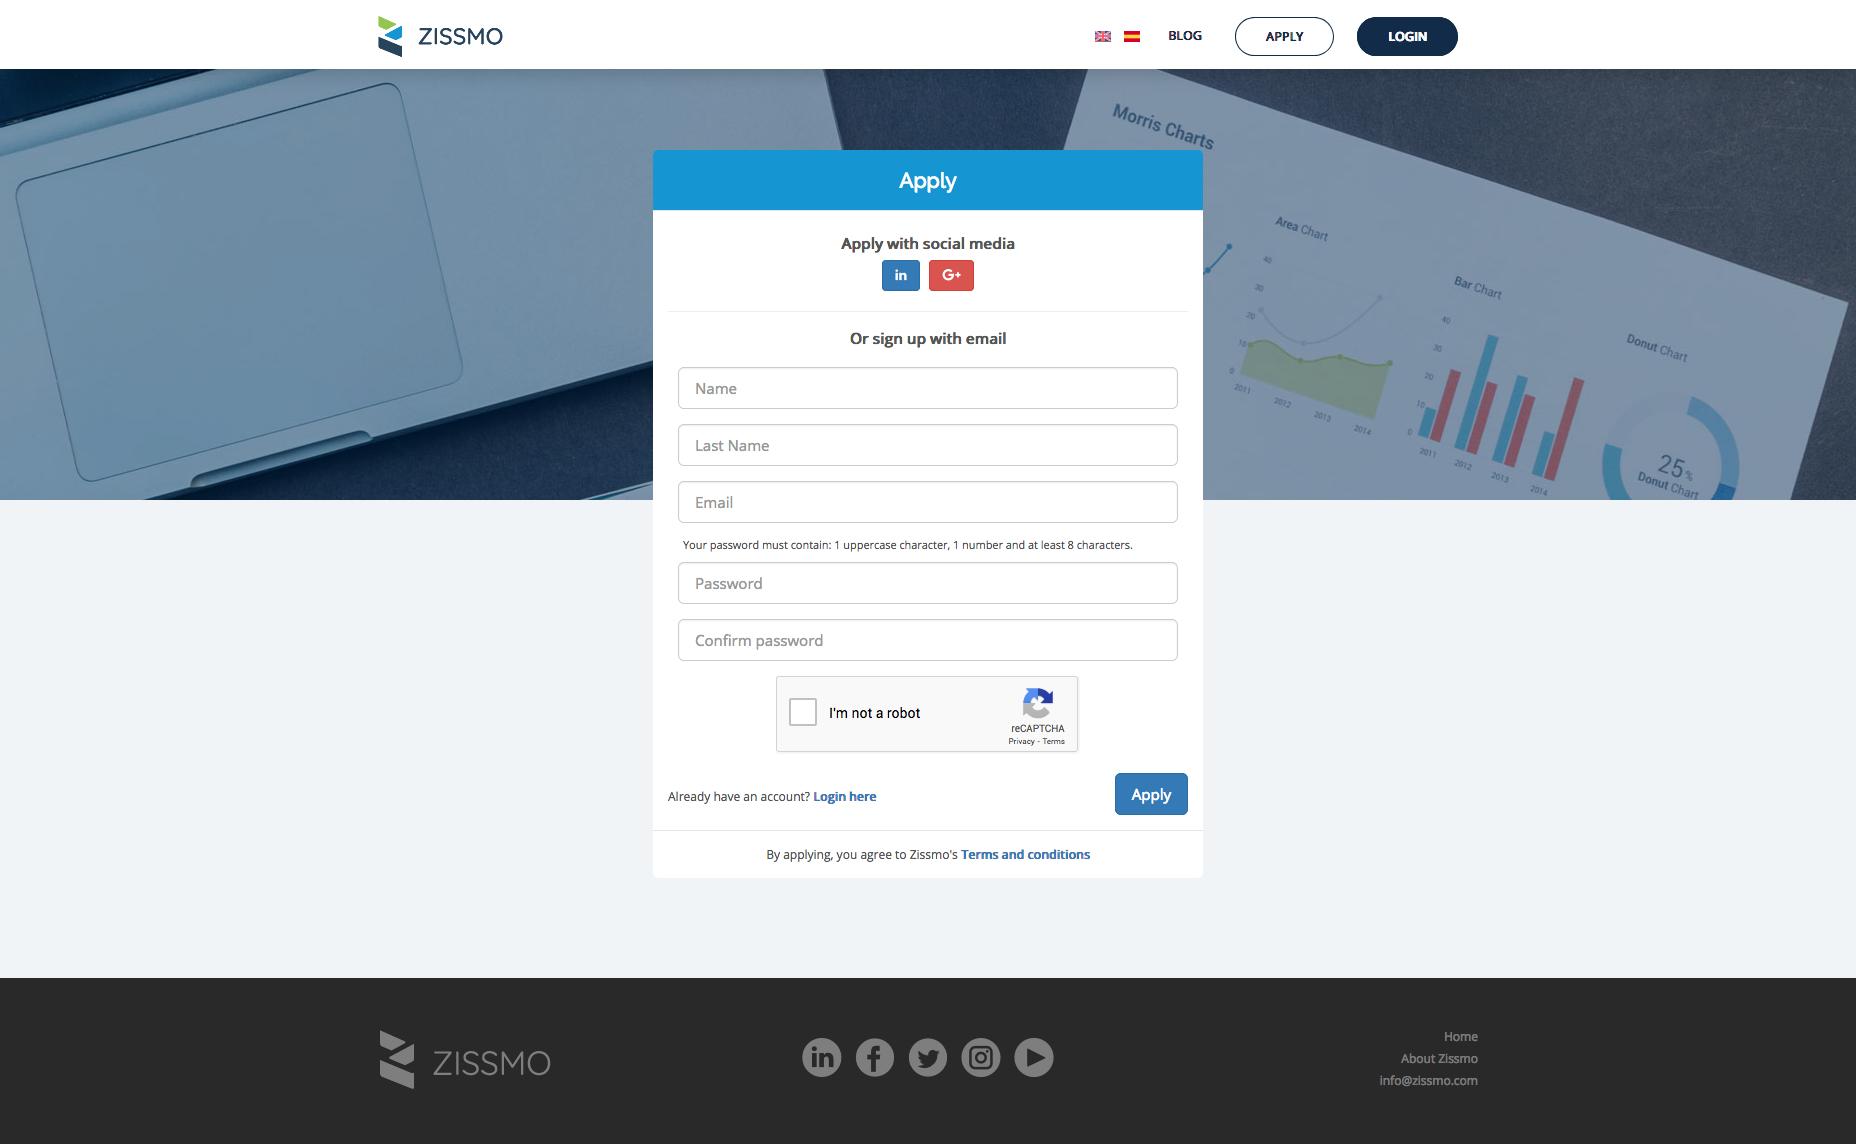 Screenshot-2018-6-23 Zissmo - Online Entrepreneurial Ecosystem(2).png